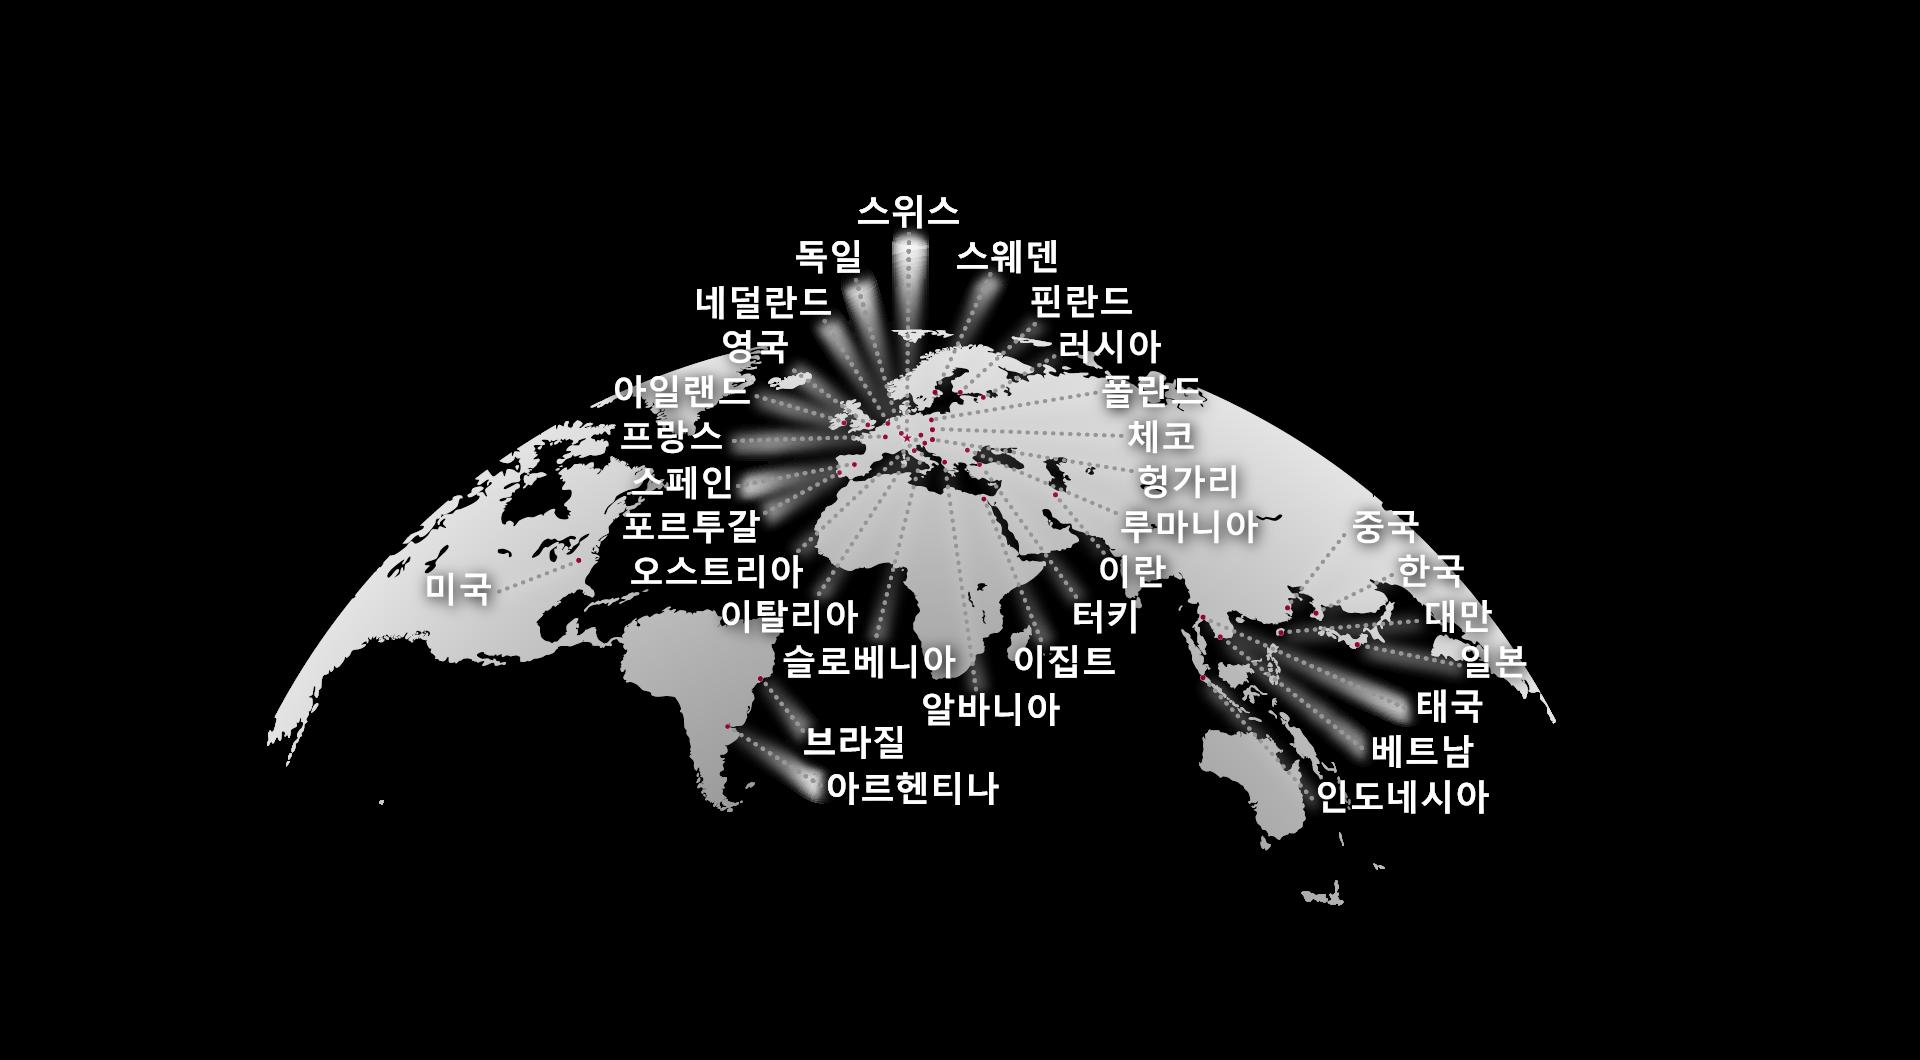 STAR 그룹 지사